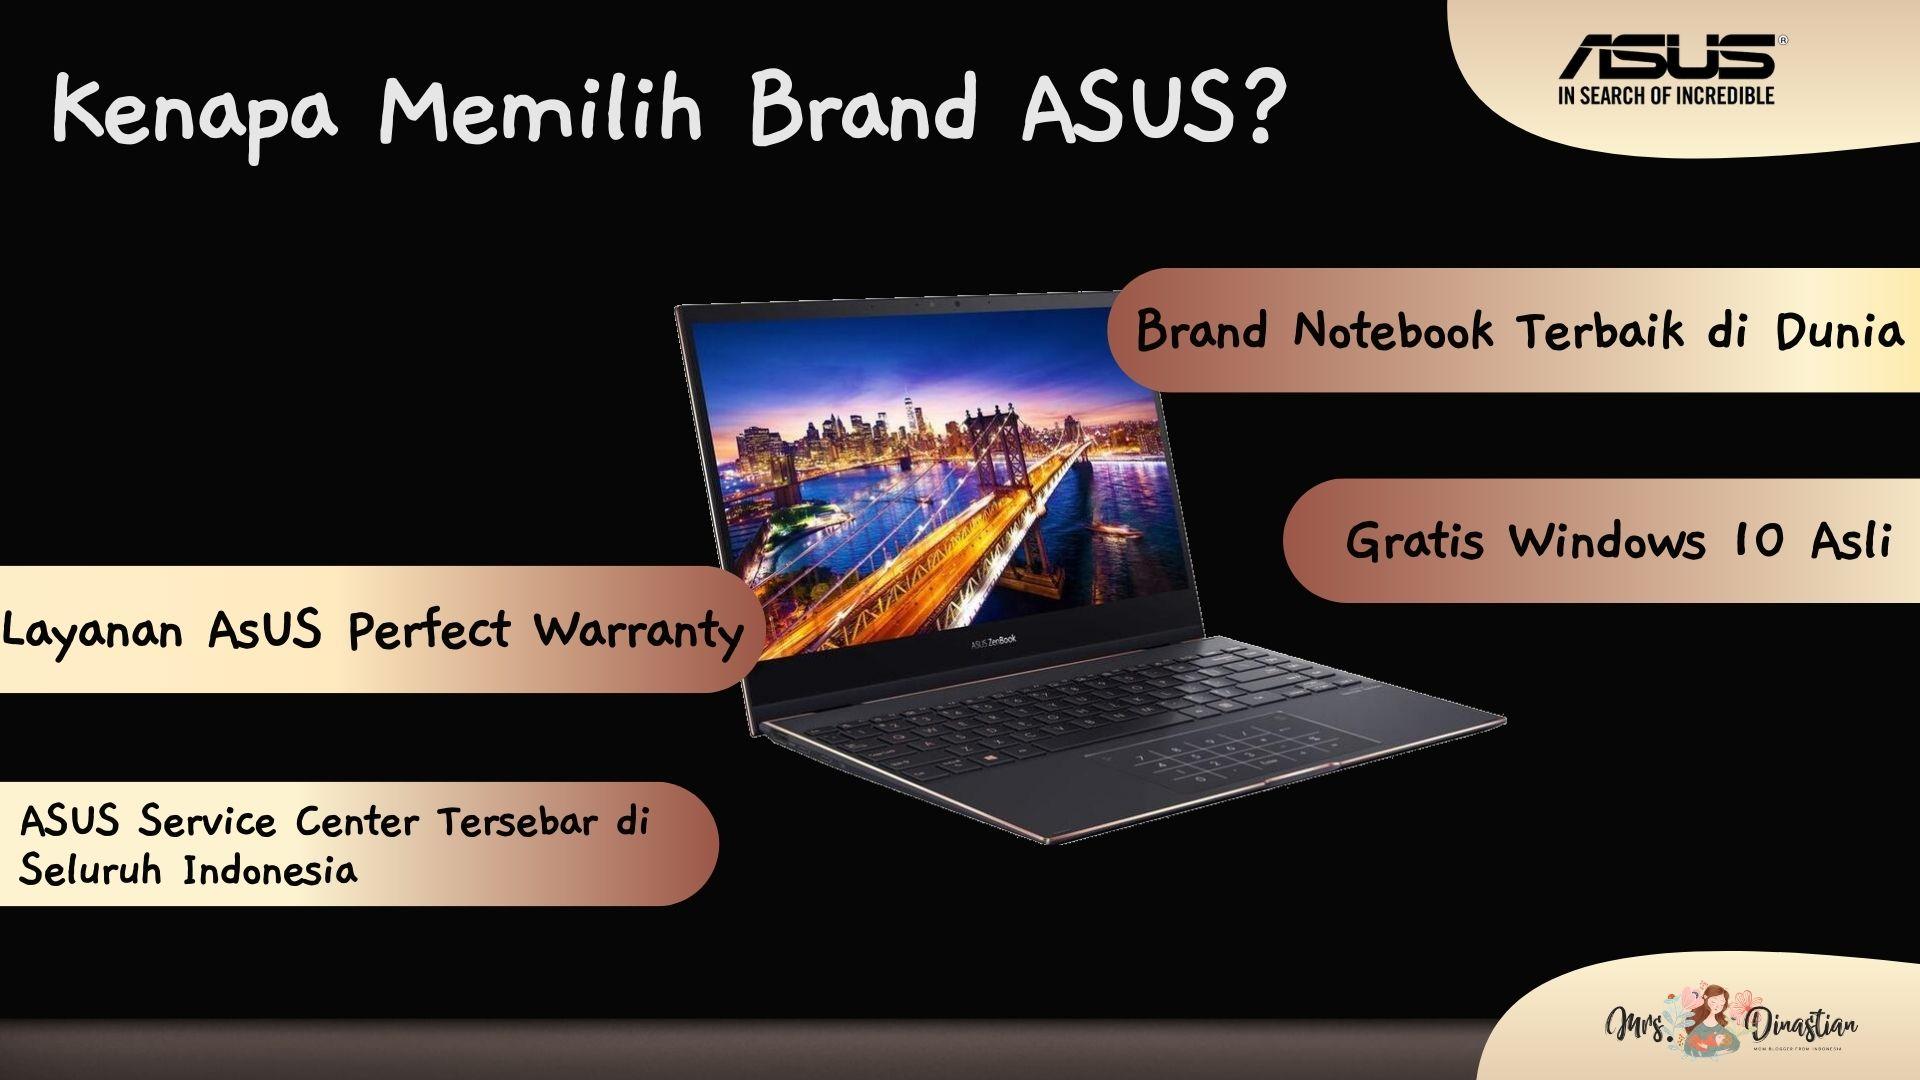 Kenapa Memilih Brand ASUS